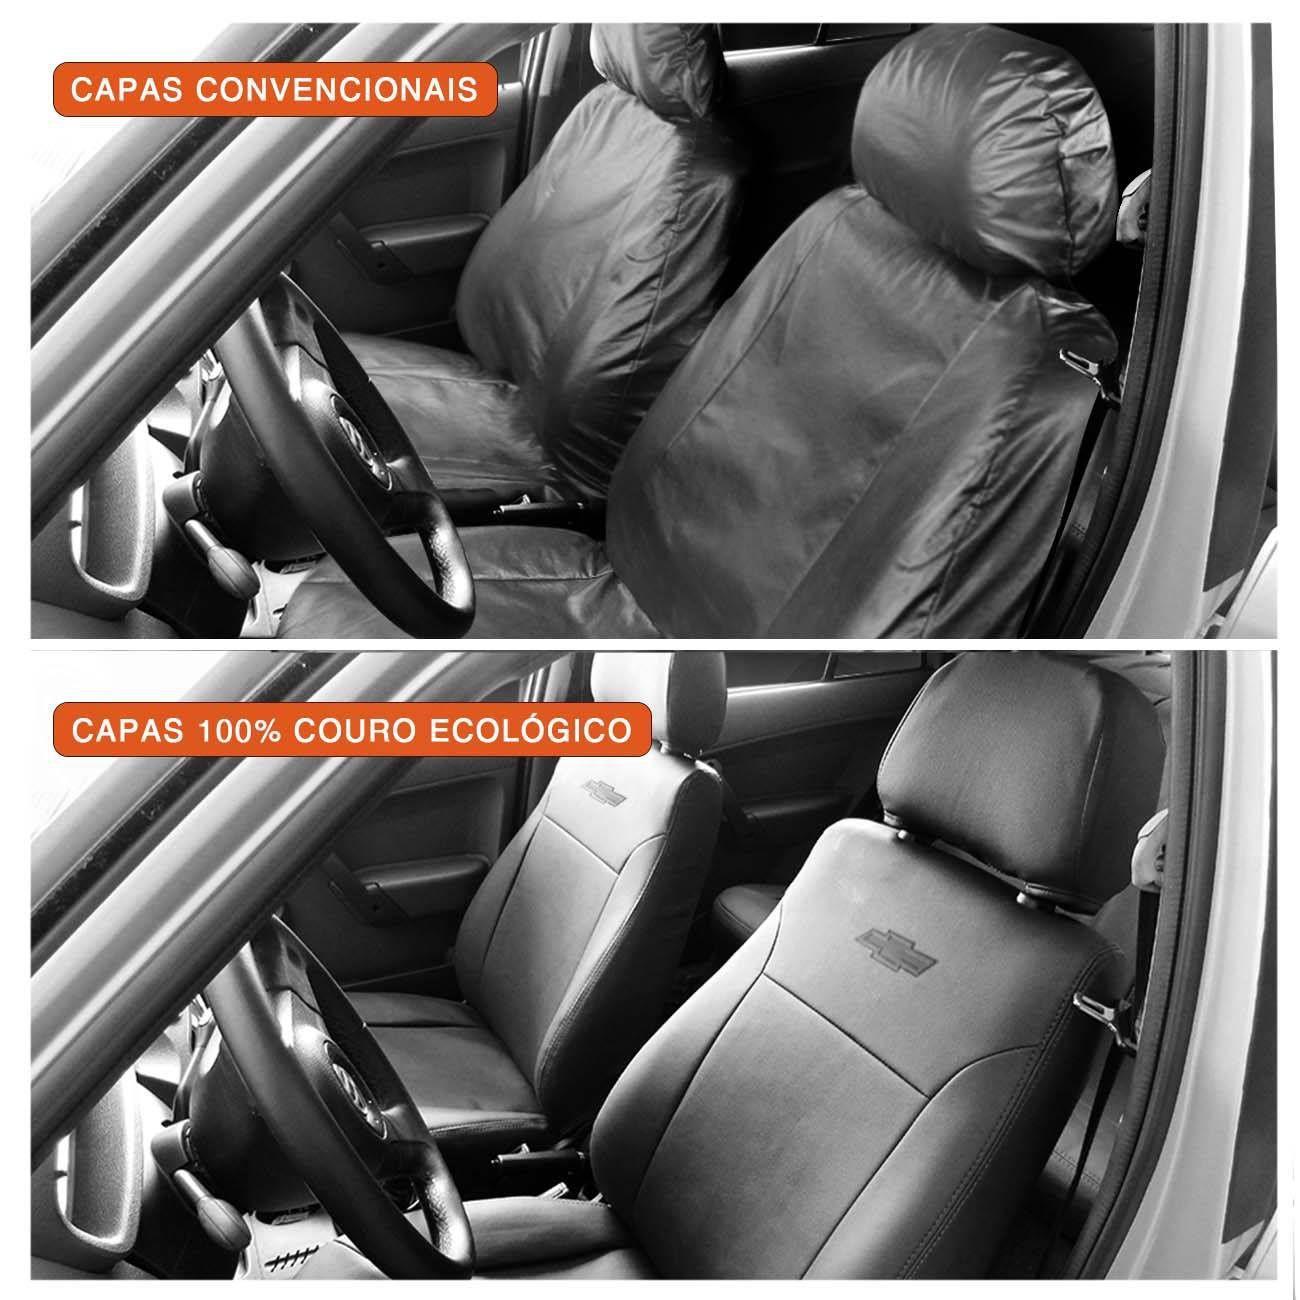 Capa De Banco De Couro Ecológico Chevrolet Spin 2012 A 2019 Automotiva  Grafite 12 Peças - Prime R  339,90 à vista. Adicionar à sacola e265bcb3fa